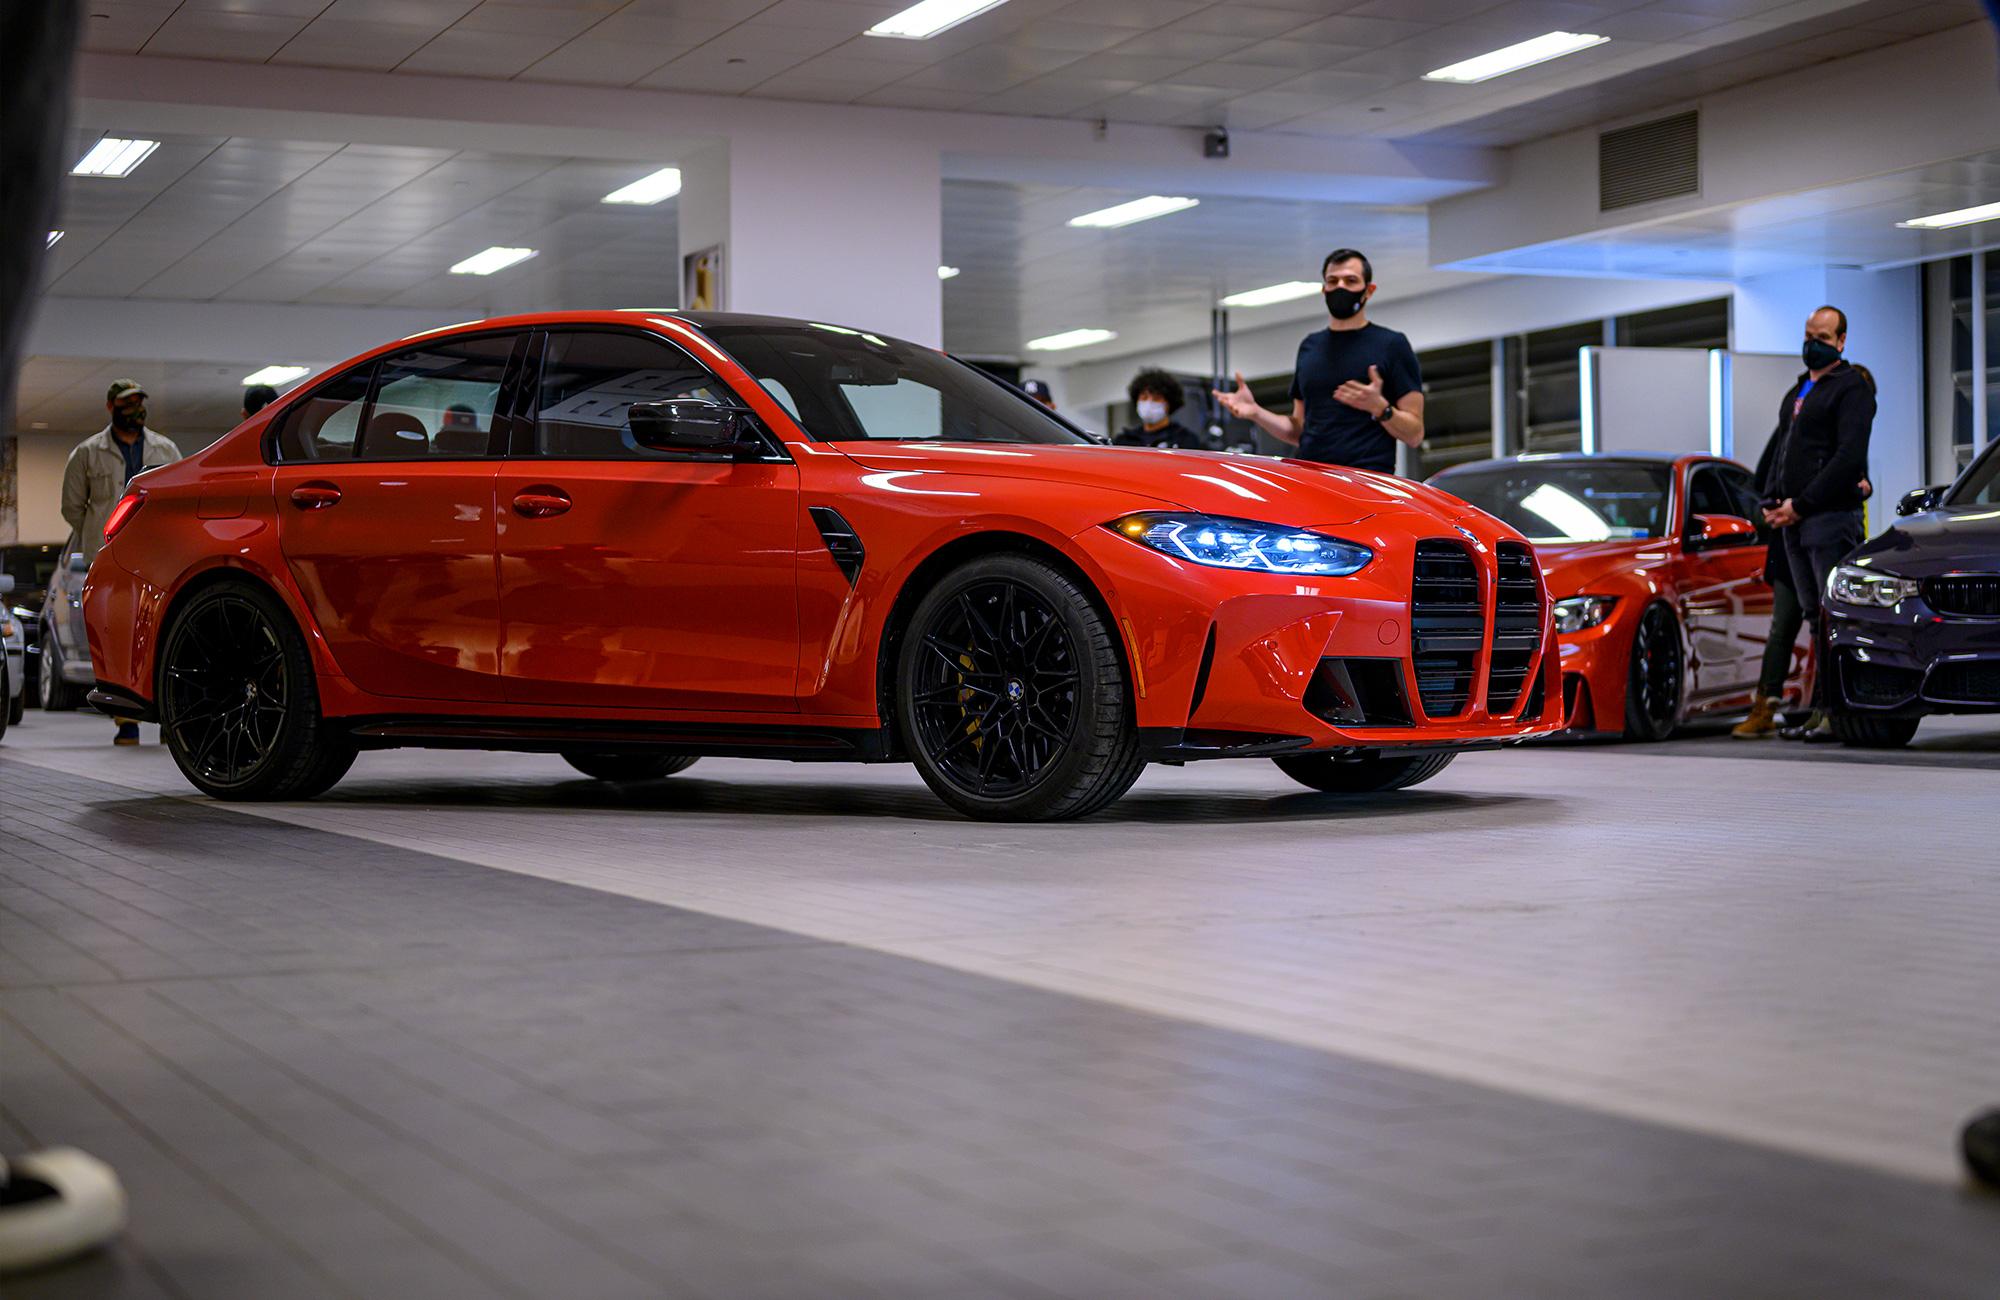 BMW G80 M3